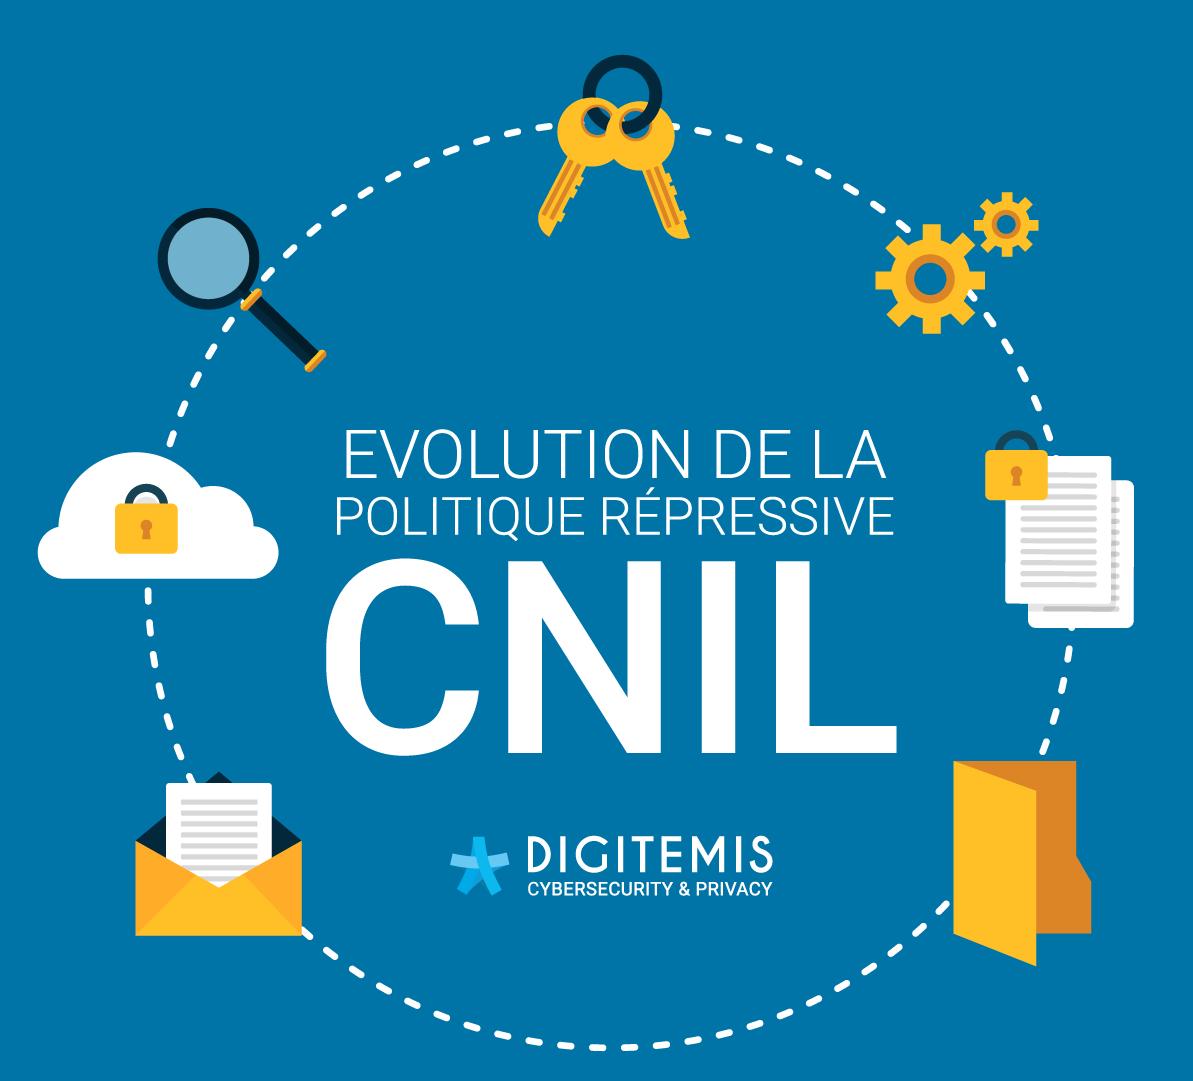 Evolution de la politique répressive de la CNIL de 2014 à 2018